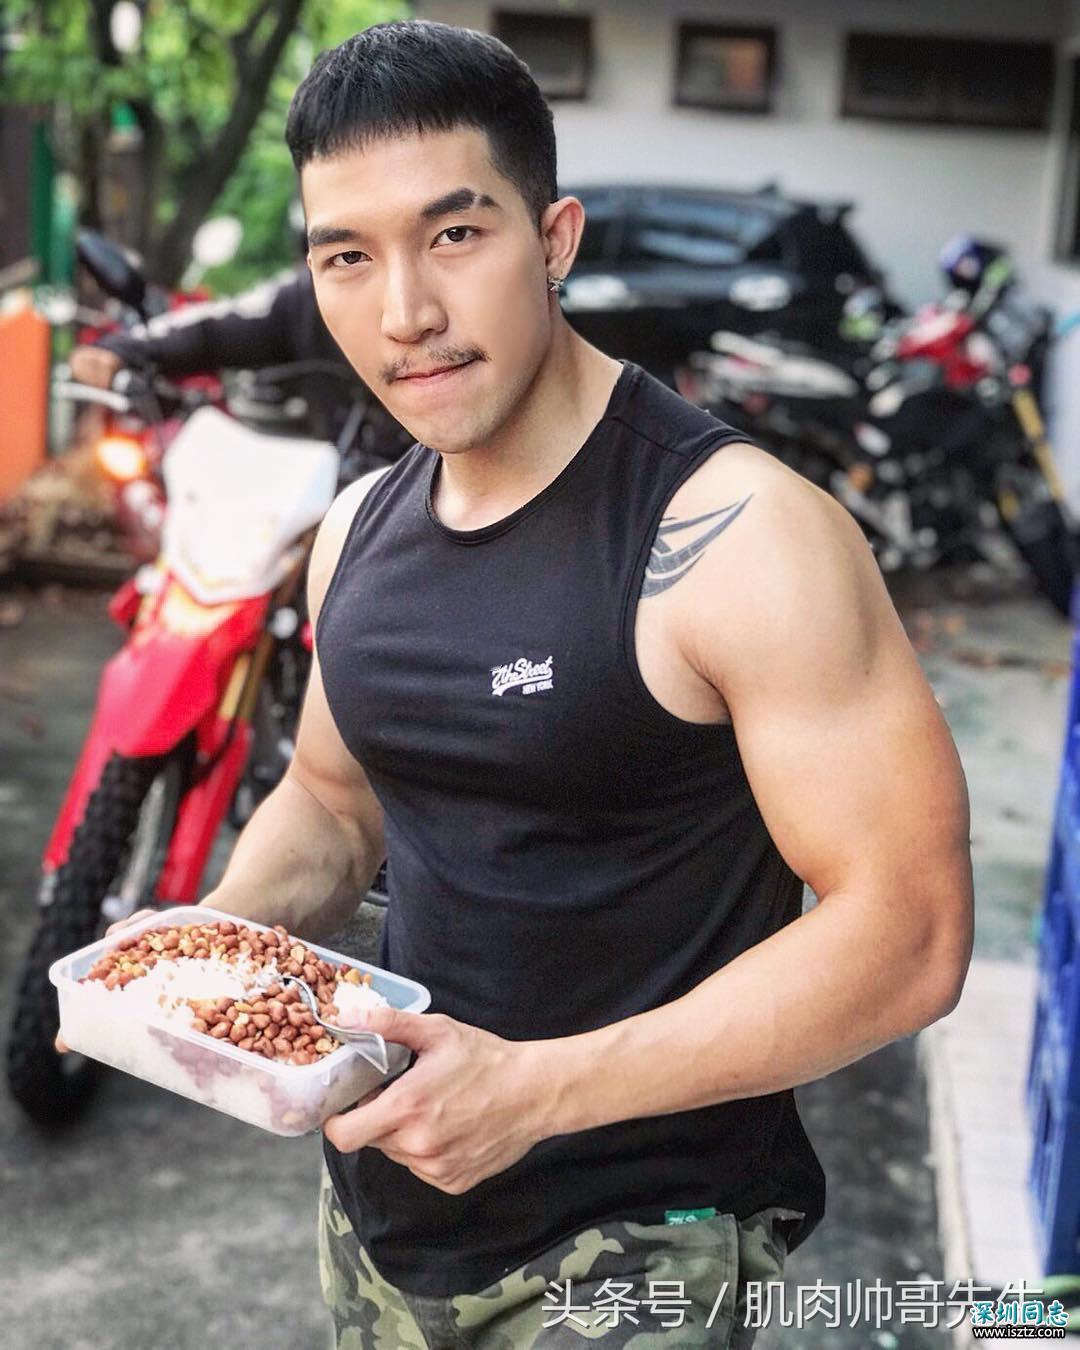 一身肌肉很健壮的寿司店断眉帅哥